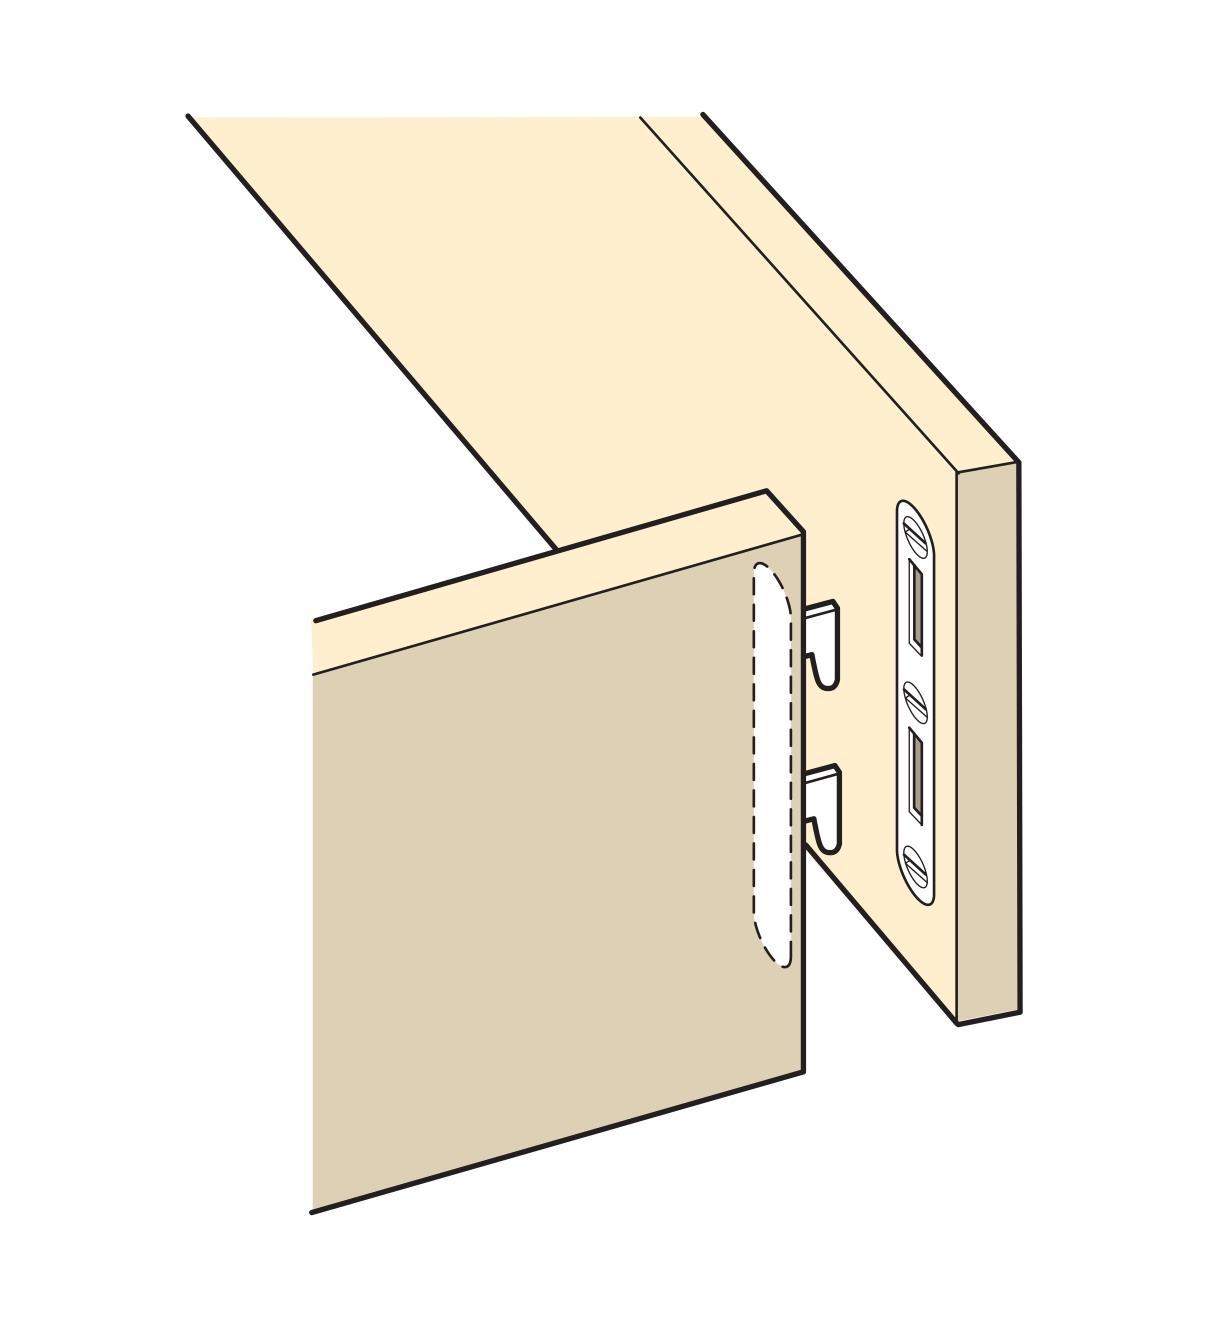 Illustration montrant des ferrures de lit à encastrer sur le cadre d'un lit